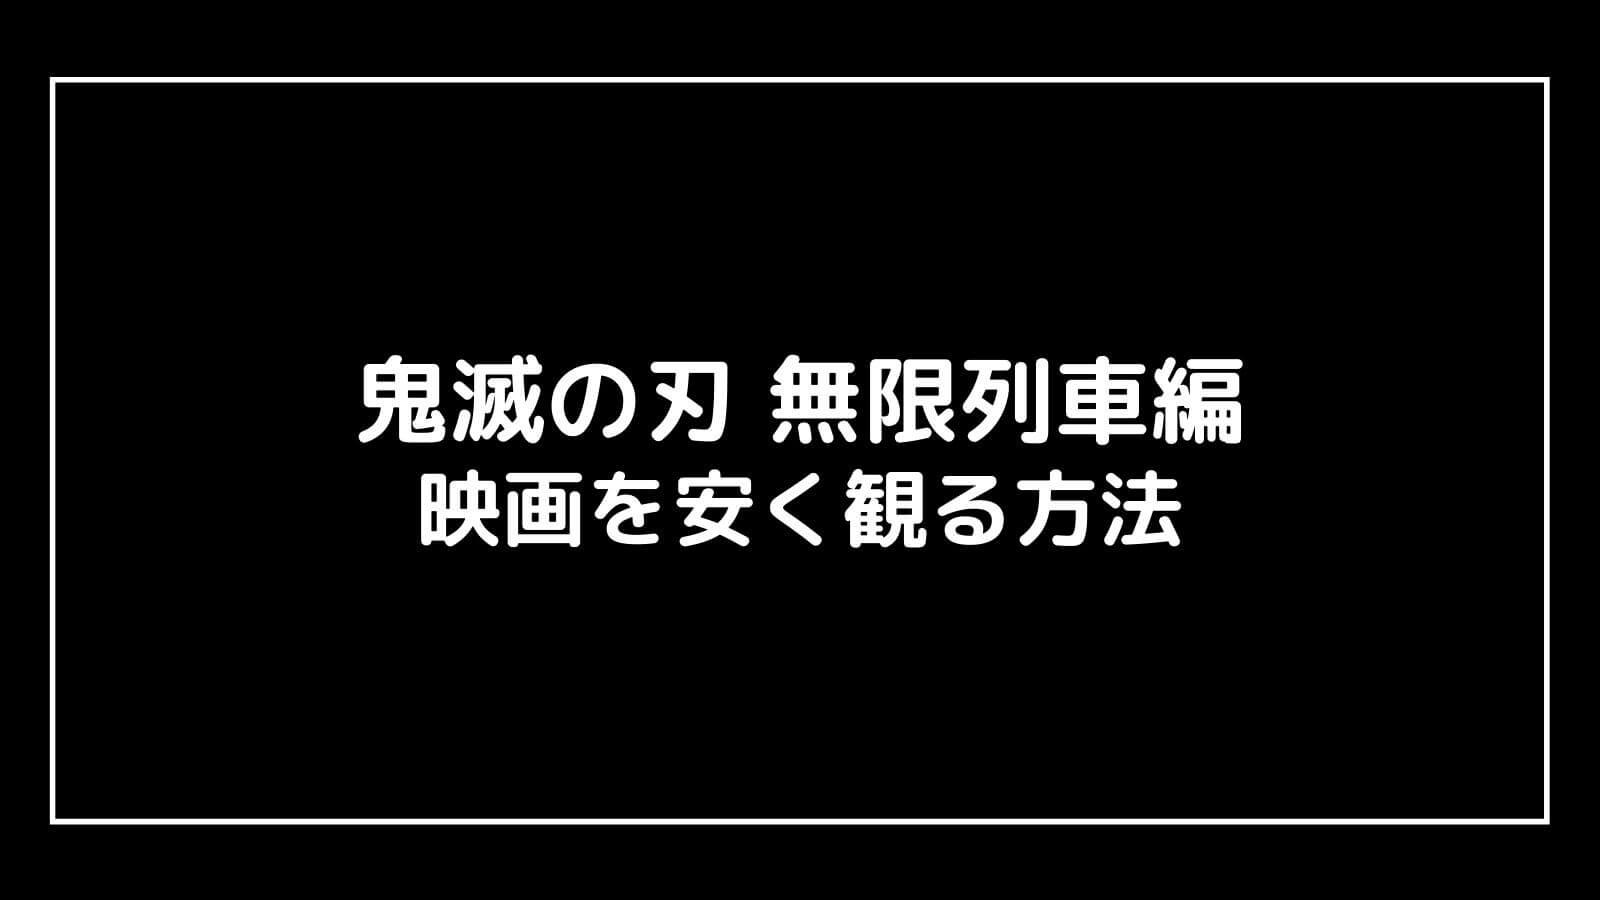 『鬼滅の刃 無限列車編』を安く見る方法!映画公開後でも使えるお得な割引術を紹介